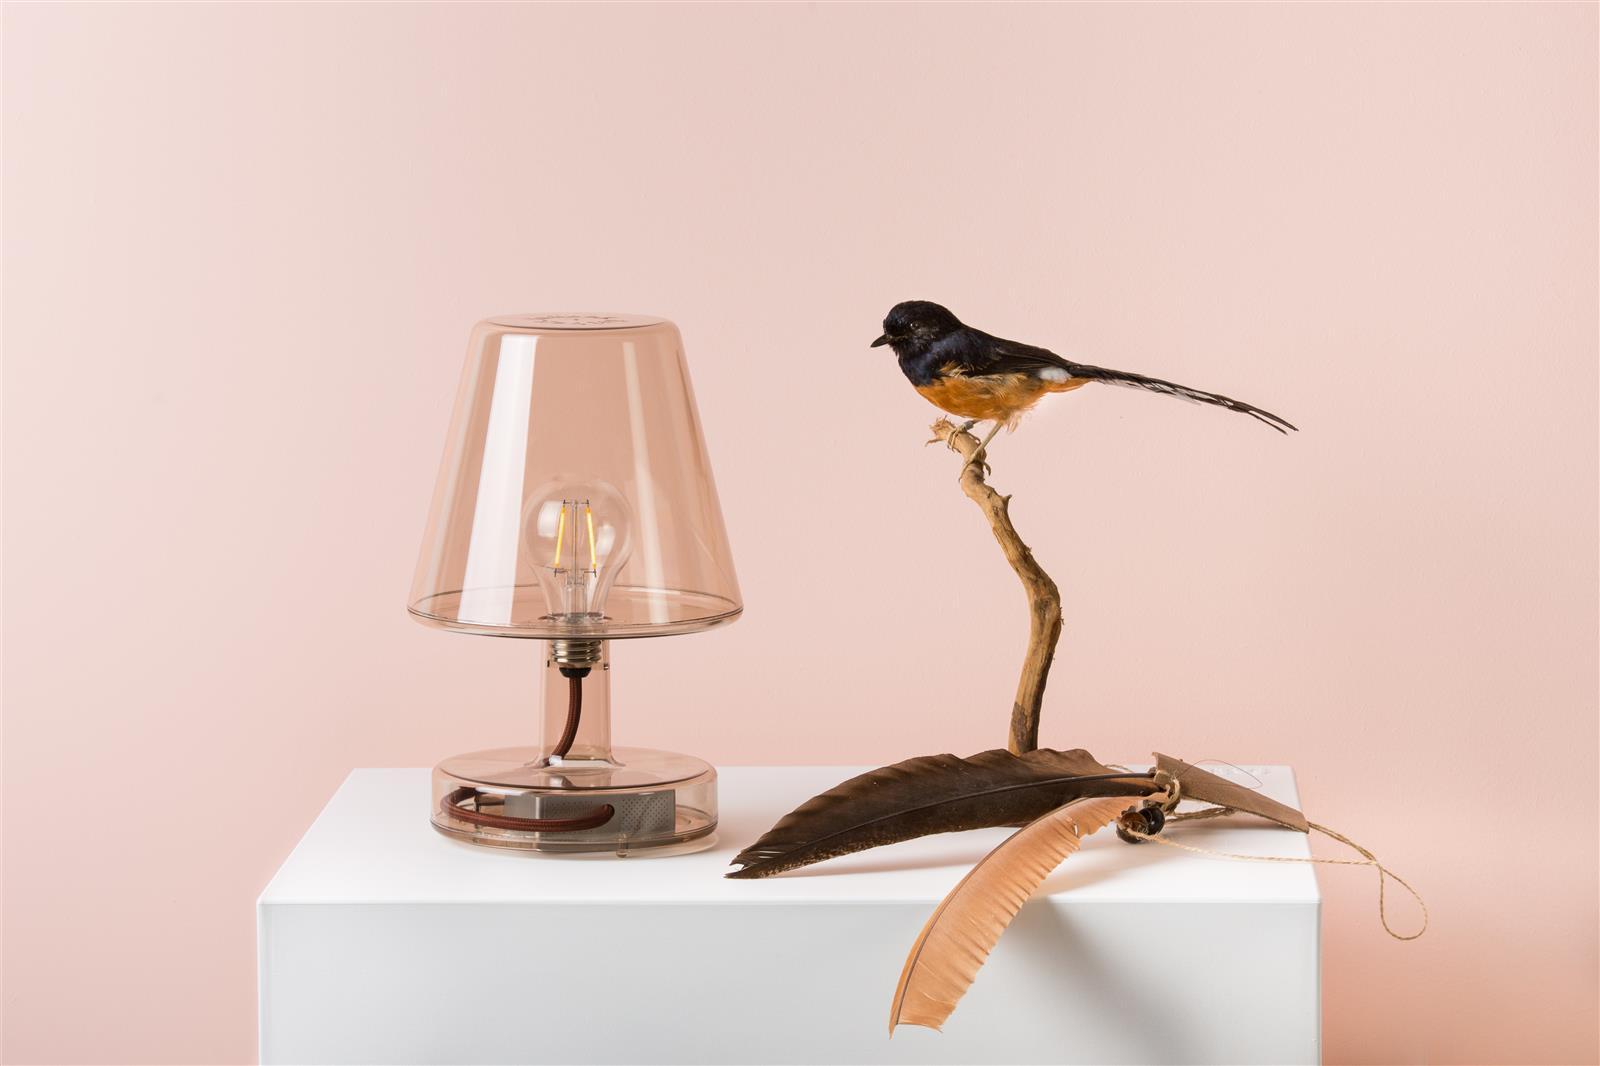 lampe transloetje violett von fatboy. Black Bedroom Furniture Sets. Home Design Ideas